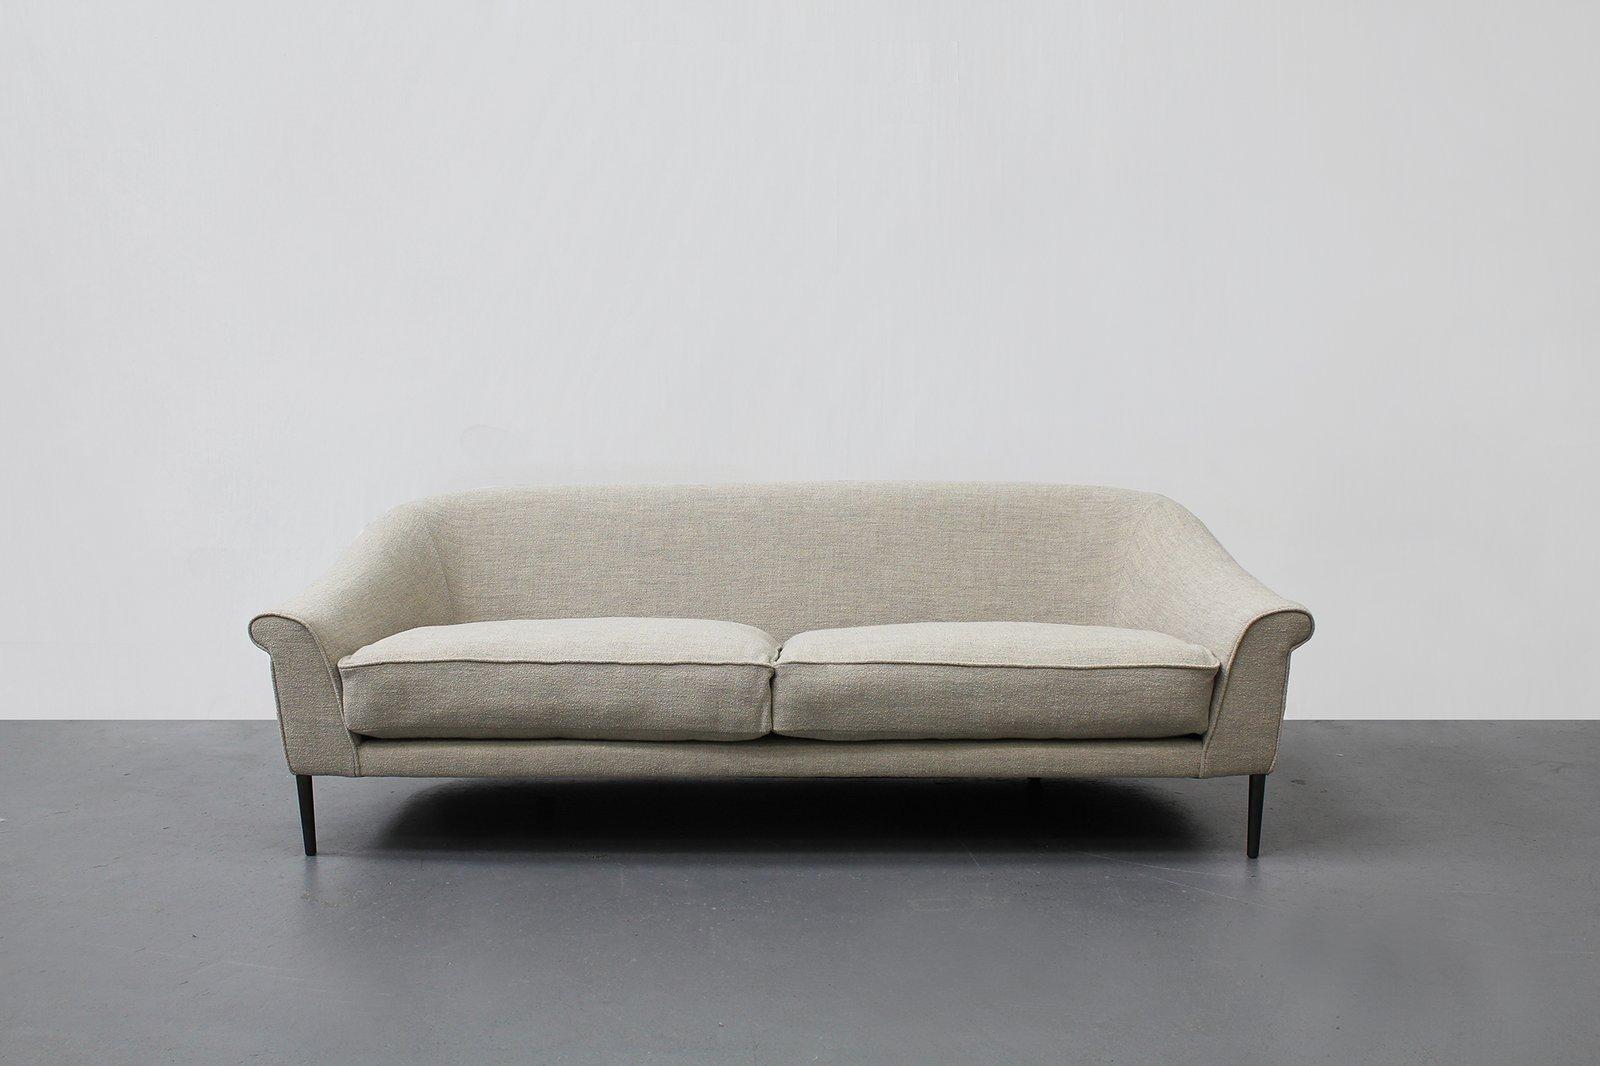 #seatingdesign #couch #SCP #British #furniture #solsticesofa #MatthewHilton #modern #minimalist  100+ Best Modern Seating Designs